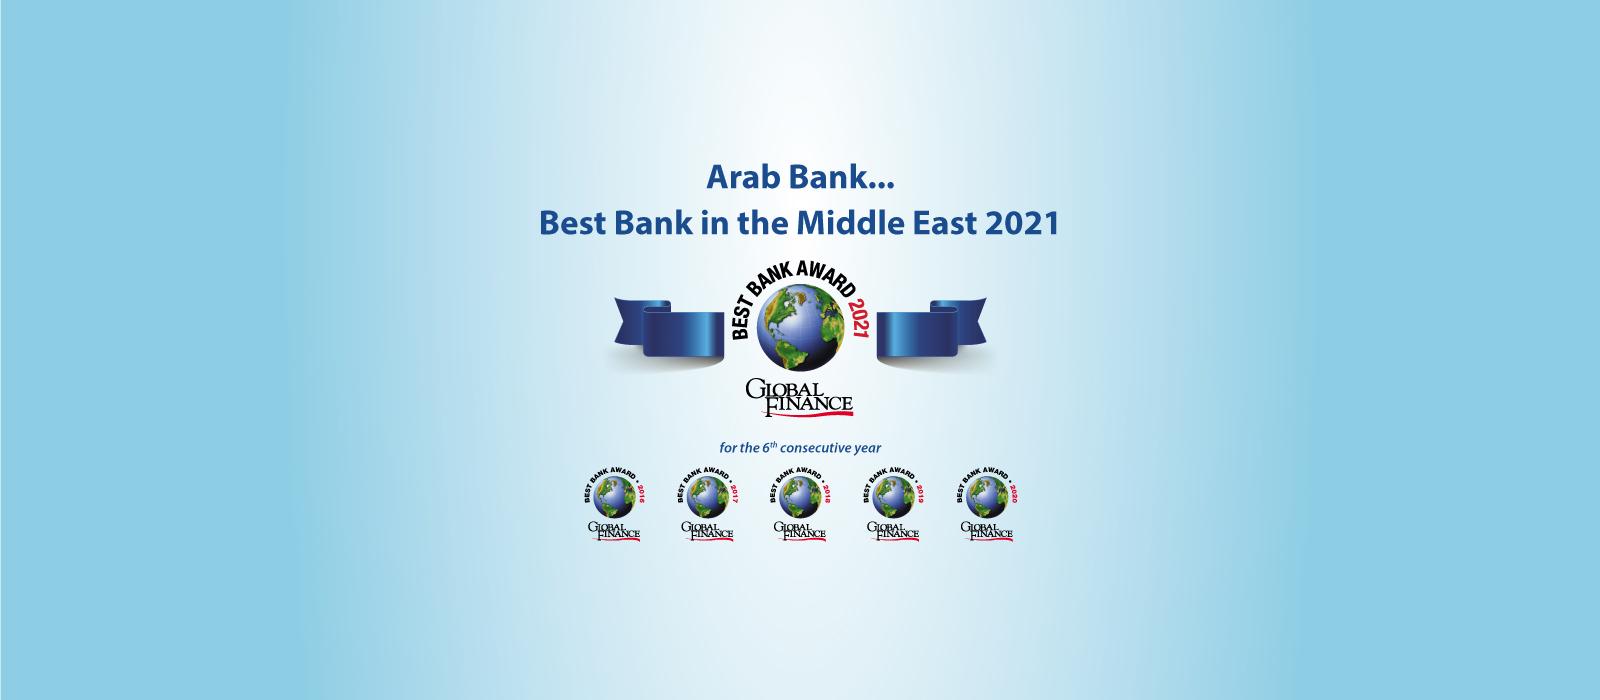 bestbankaward2021_en_3